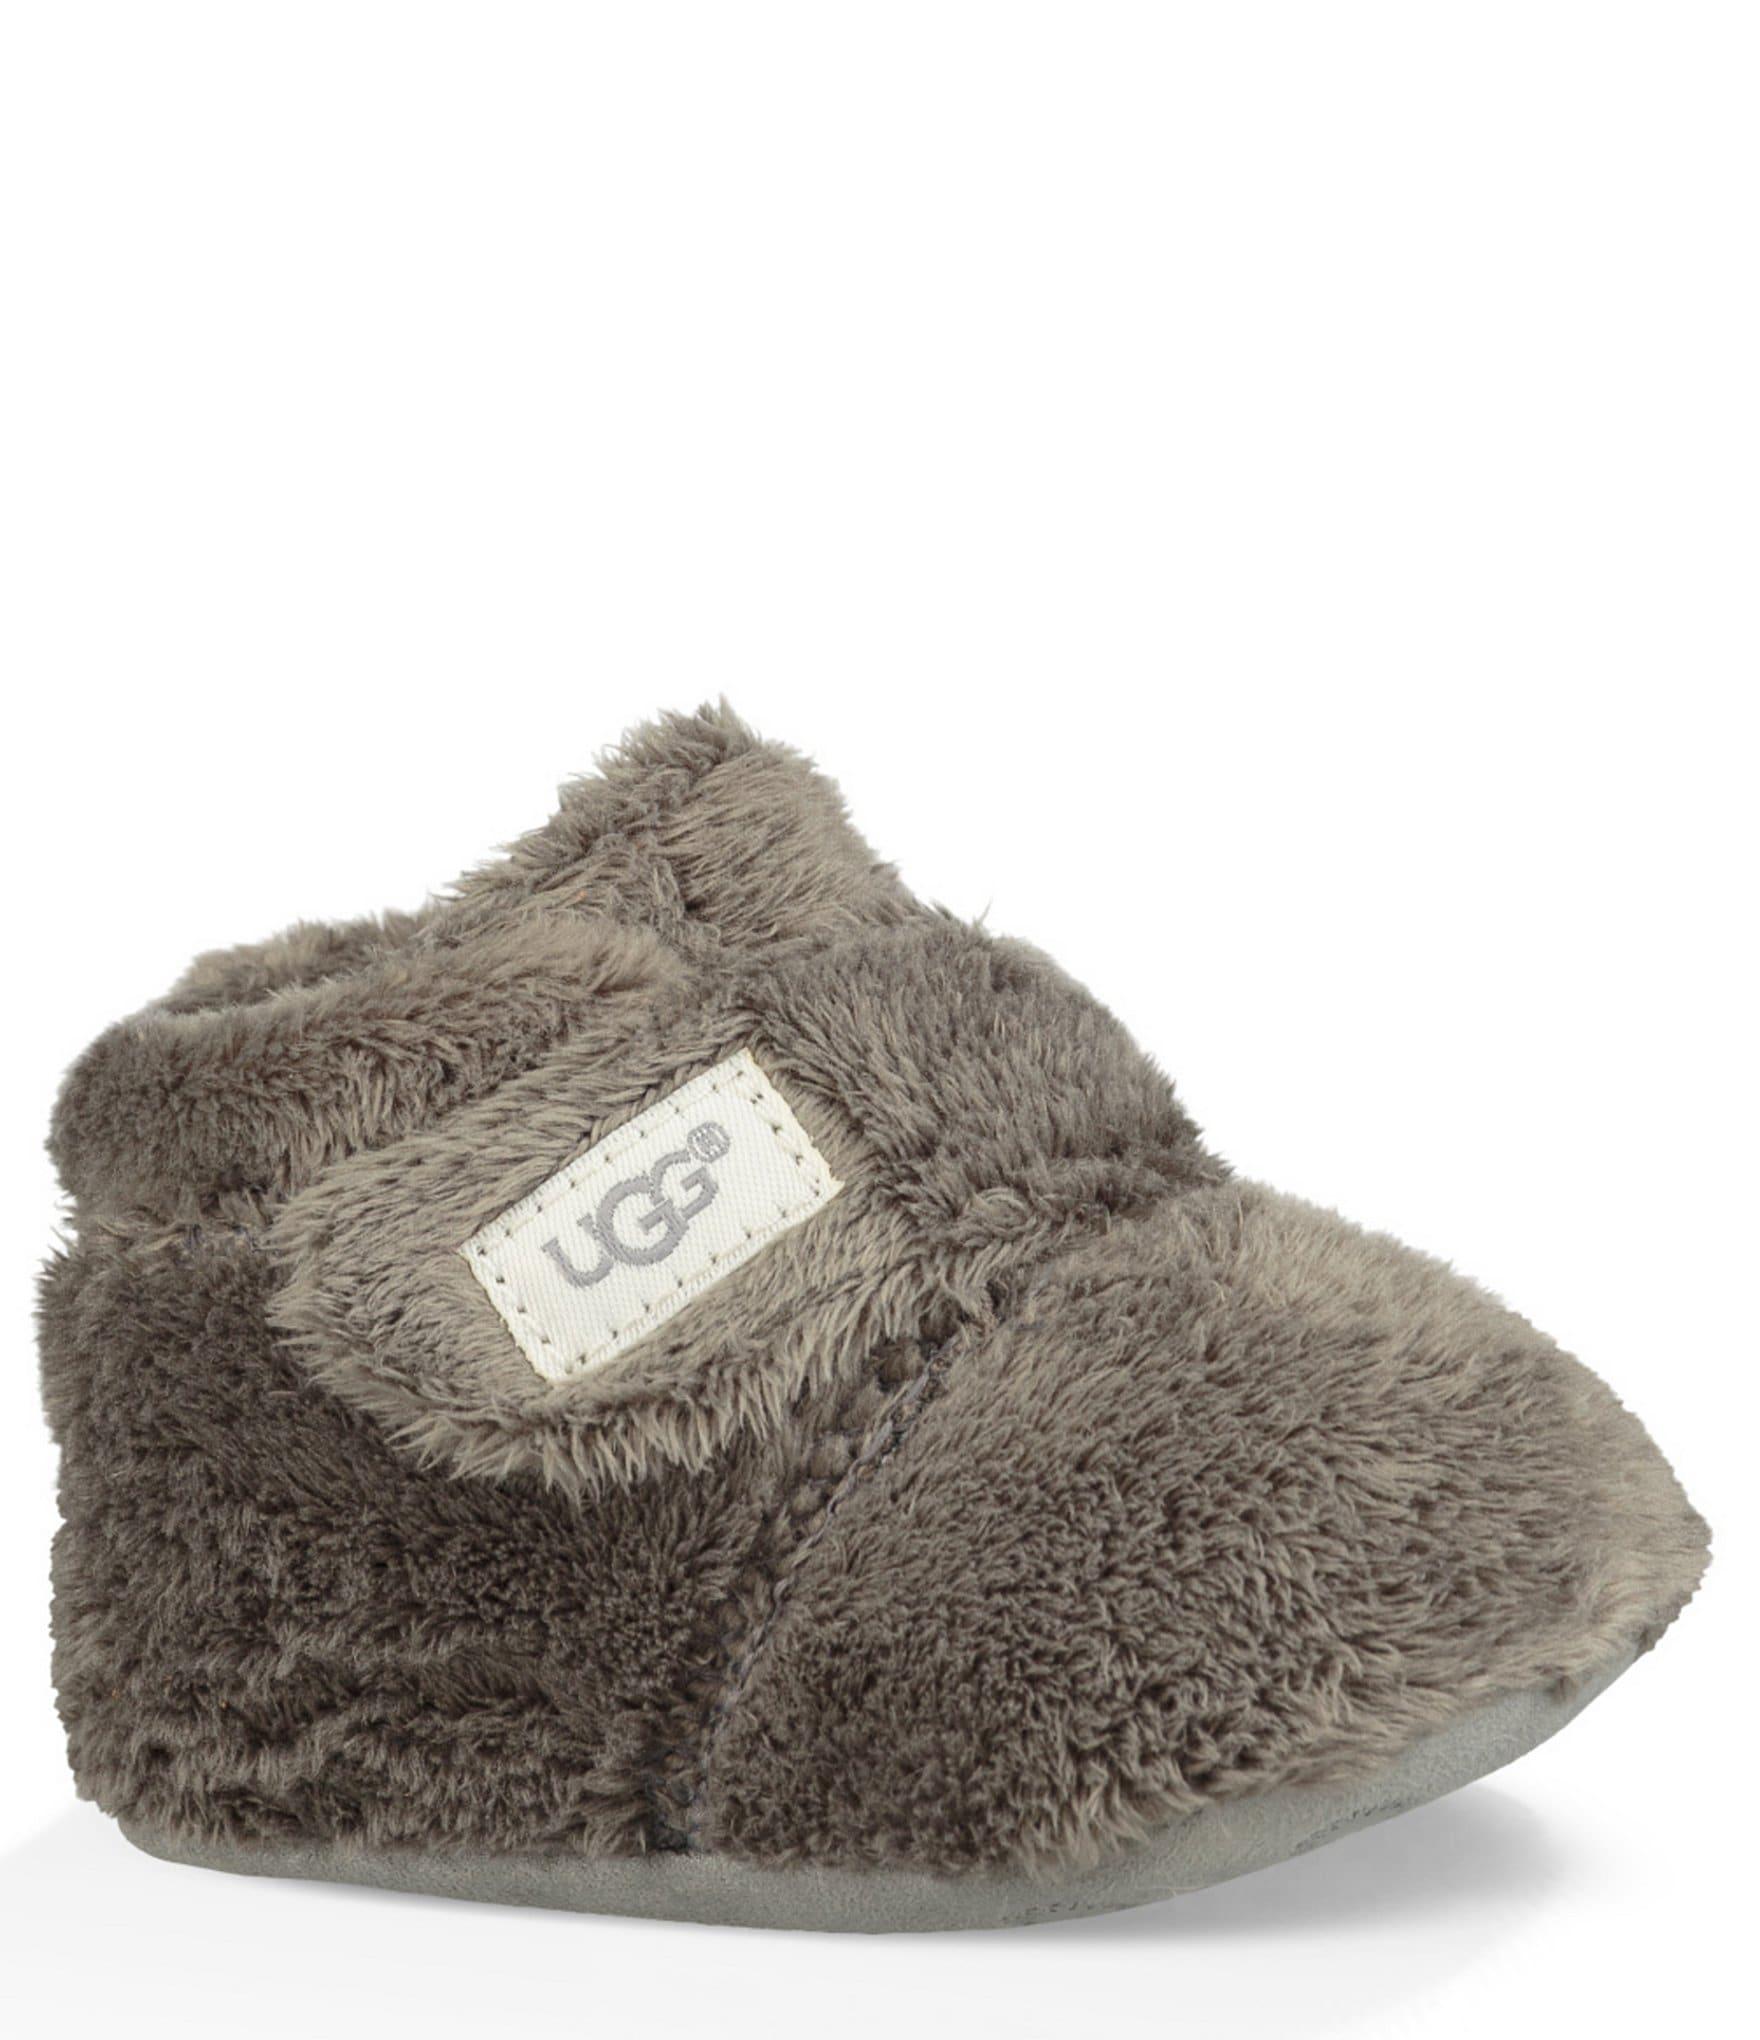 8936b60ad08 UGG Kids' Bixbee Crib Shoe